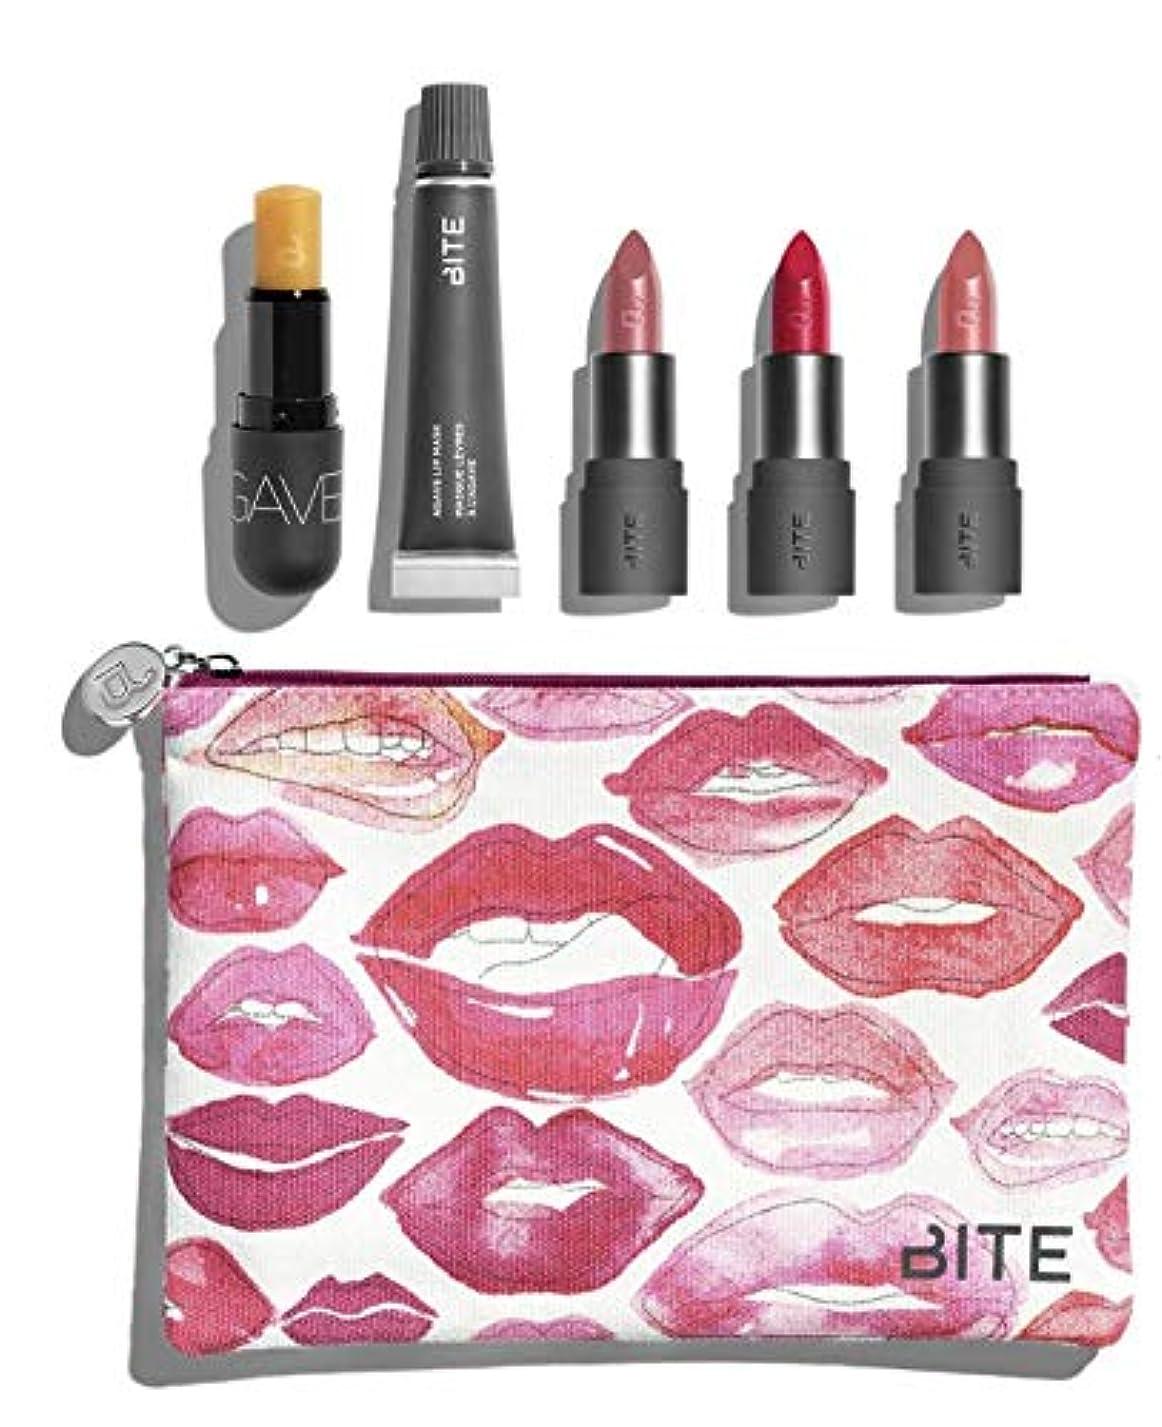 悪い遺伝子甘いバイト ビューティー リップセット ポーチ付き Bite Beauty Kiss 'N Fly Lip Care & Lipstick Set マスカラ アイライナー アイブロー メイクアップ